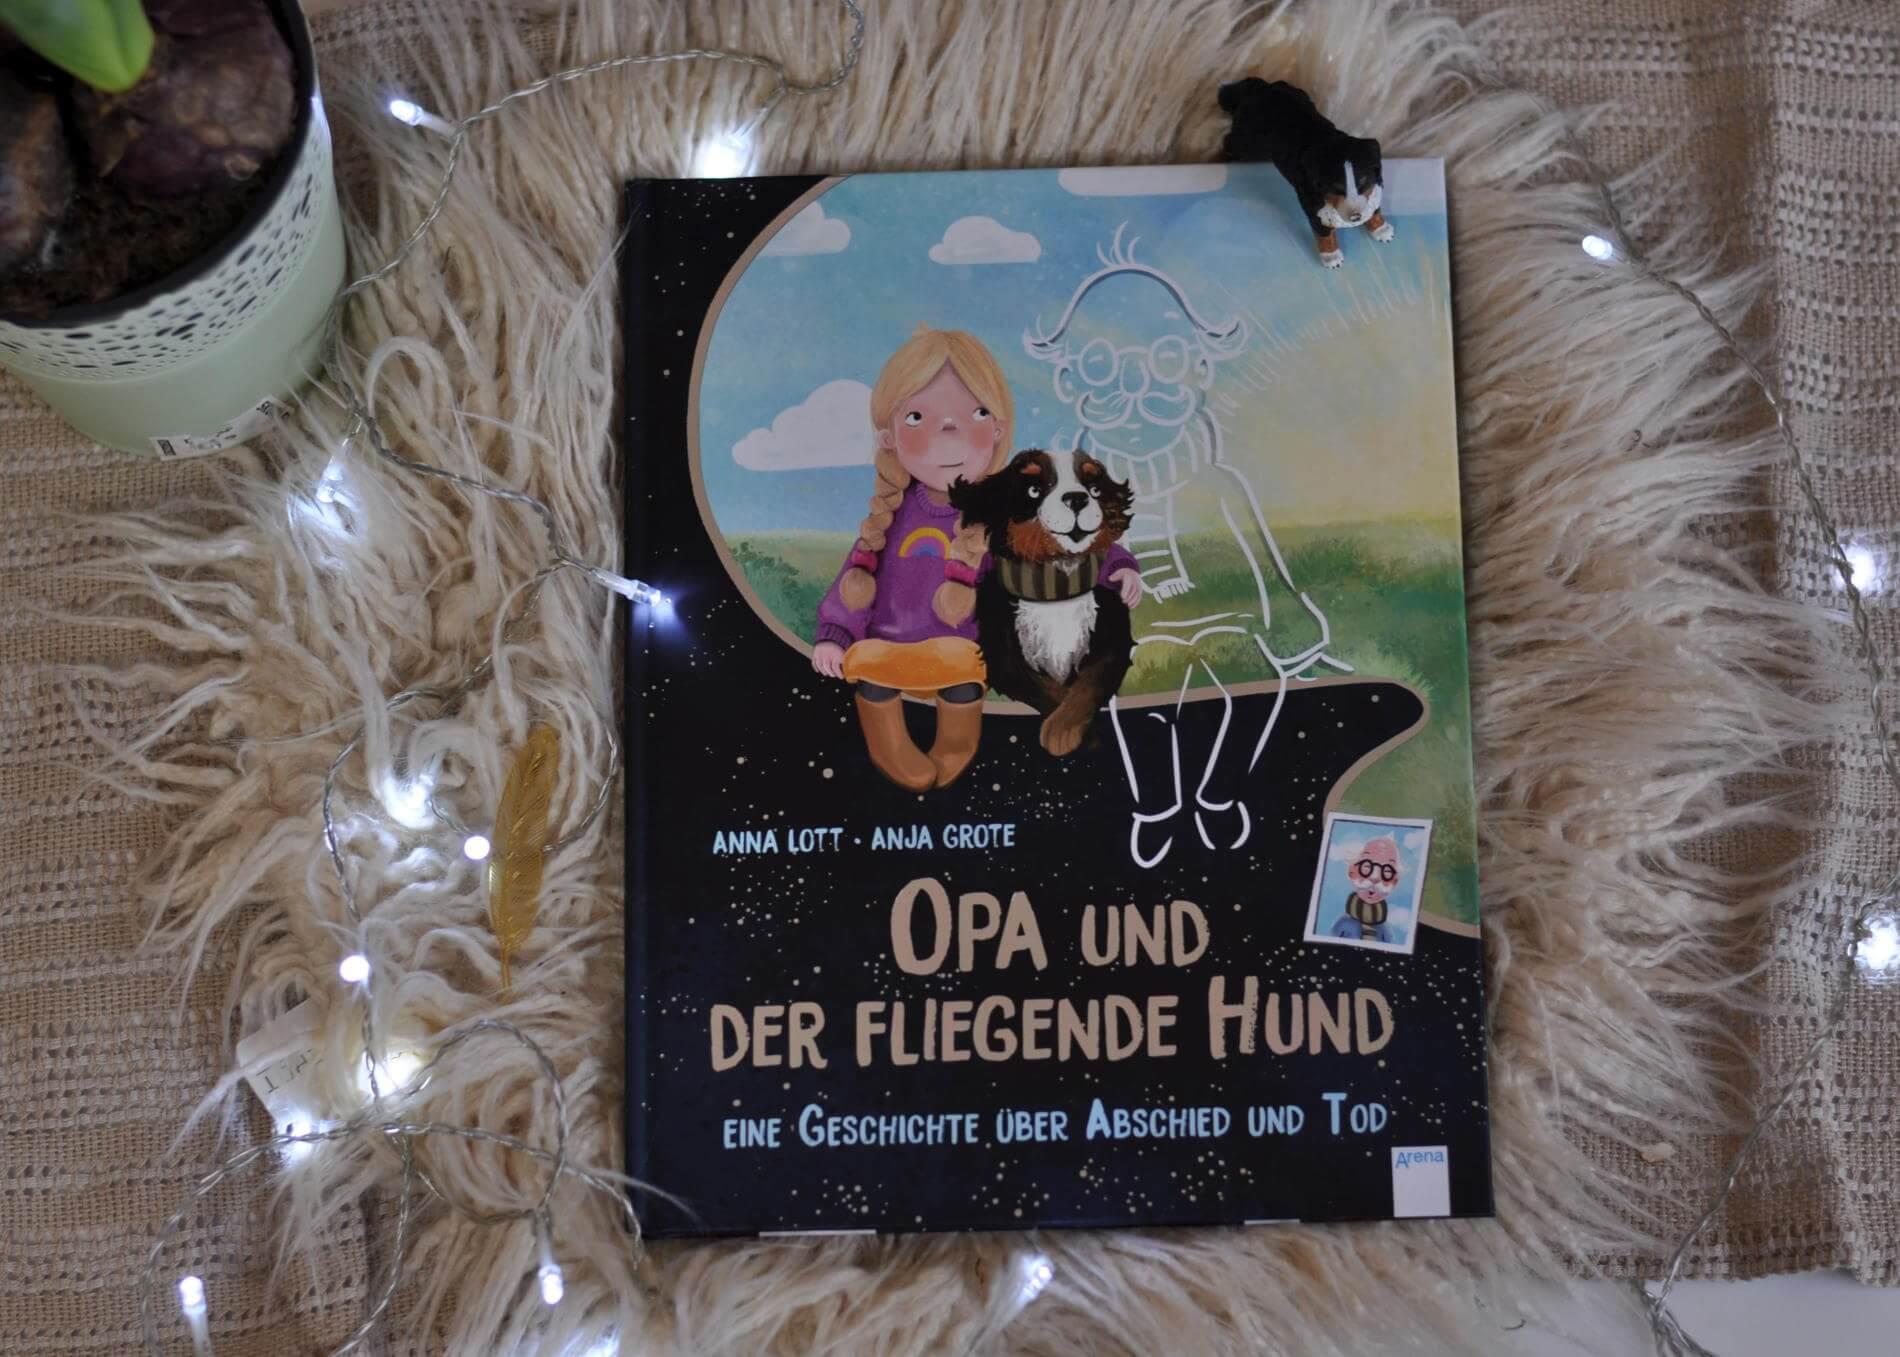 Opa ist gestorben, er kommt nie wieder, sagen Mama und Papa. Doch Karla mag das nicht so recht glauben und wartet. Eines Tages entdeckt sie einen großen Hund. Genau auf der Bank, auf der Opa immer auf Karla gewartet hat, sitzt er. Mit seinen großen Augen, seinem weichen Fell und seinem Geruch nach Kaffee erinnert er an Opa. #bilderbuch #lesen #vorlesen #opa #vermissen #hund #tod #trauer #abschied #kinder